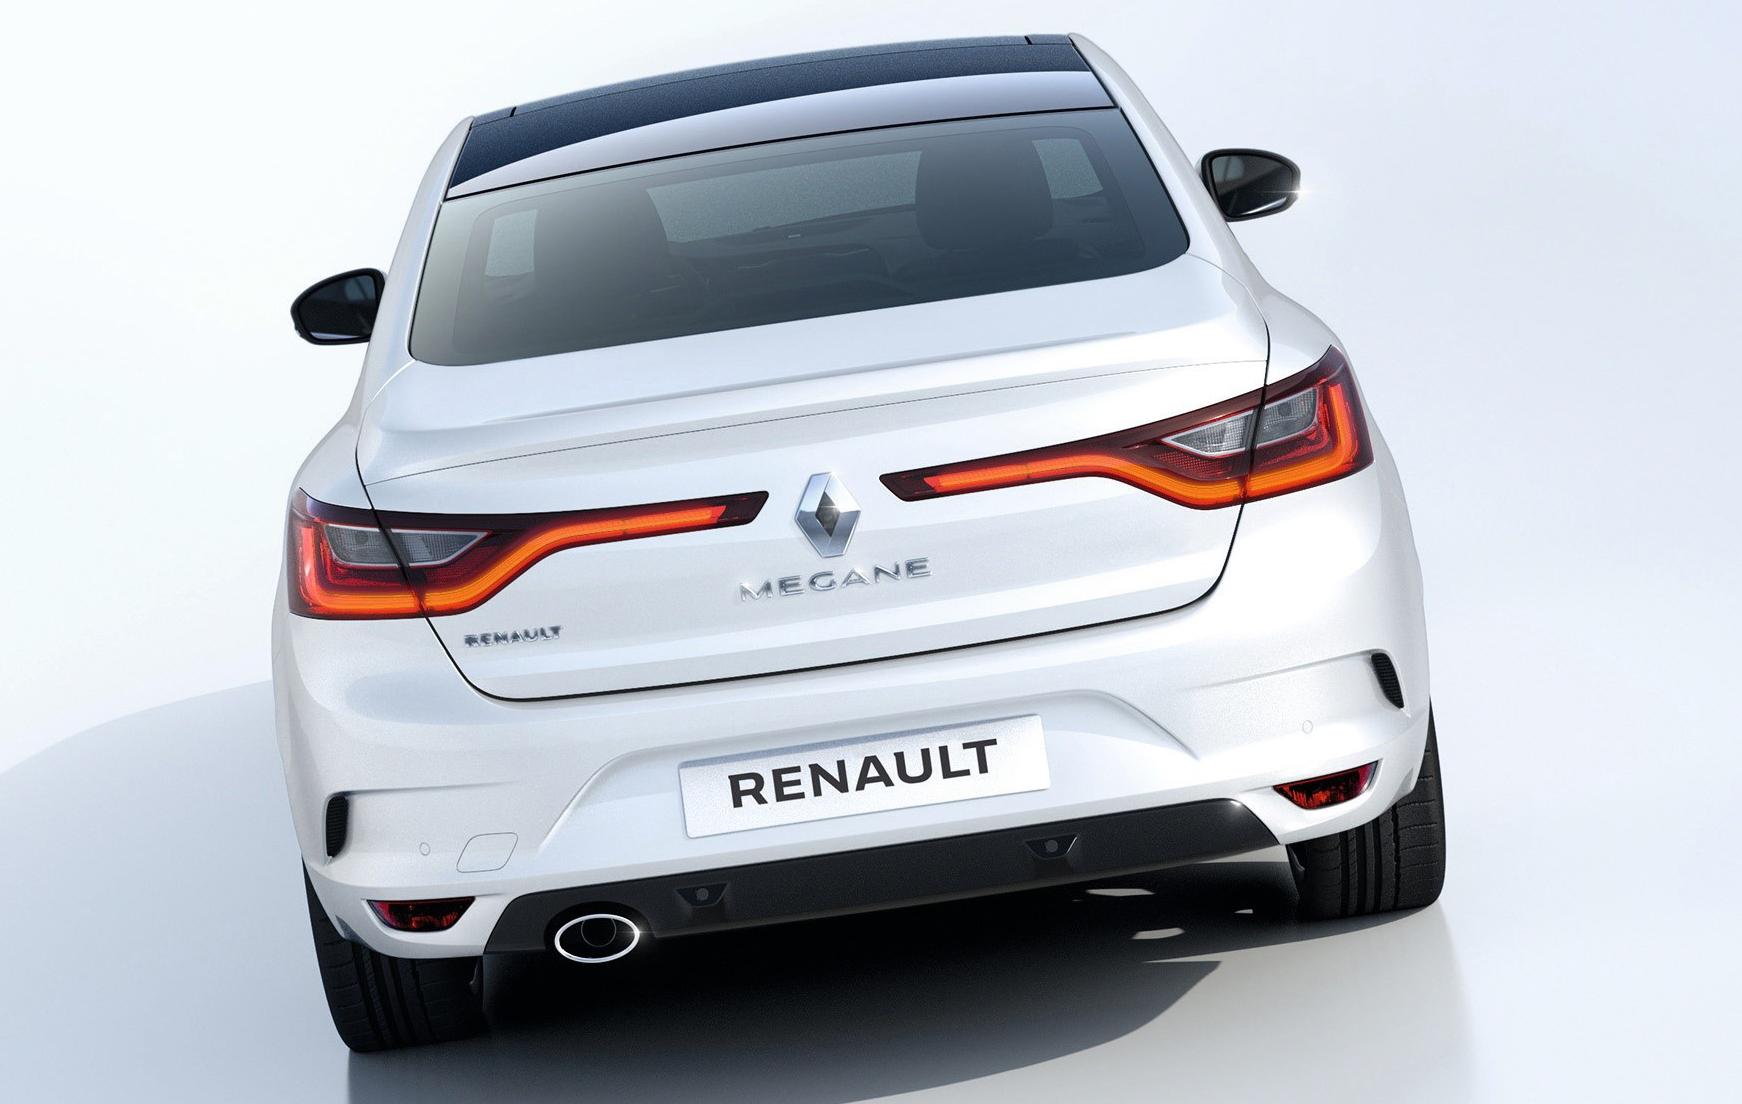 renault megane sedan launched no more fluence image 517501. Black Bedroom Furniture Sets. Home Design Ideas